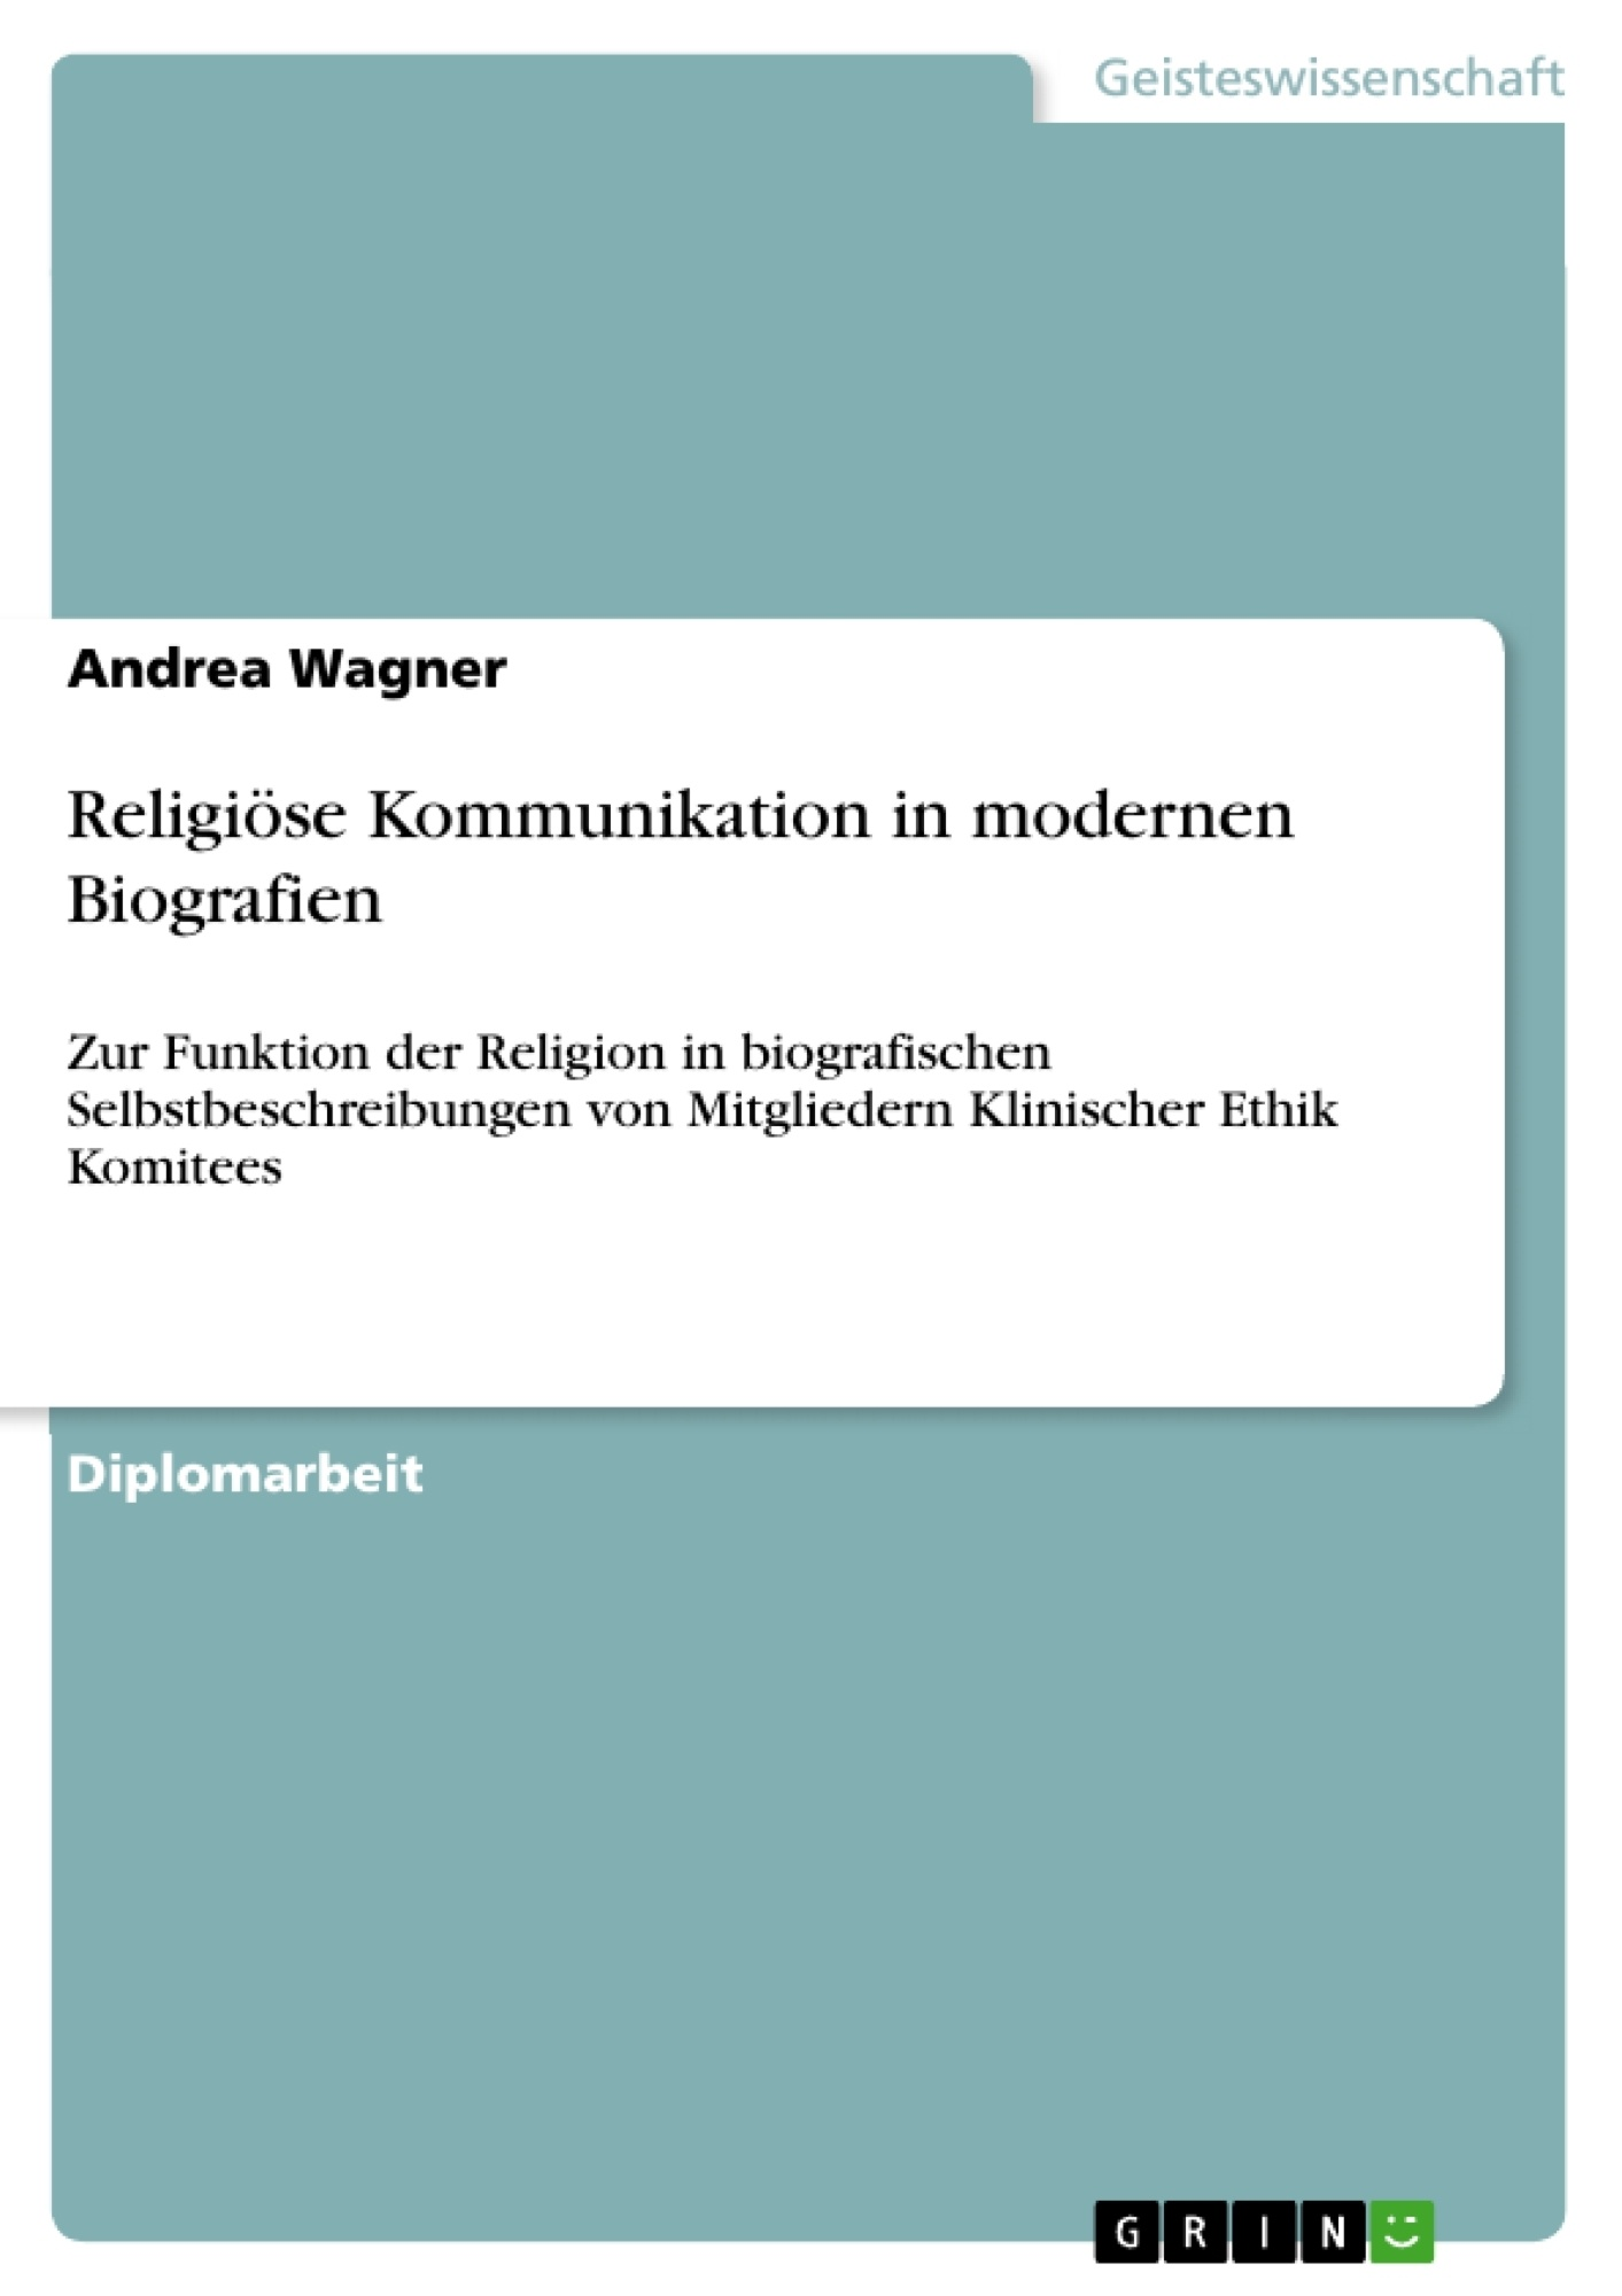 Titel: Religiöse Kommunikation in modernen Biografien